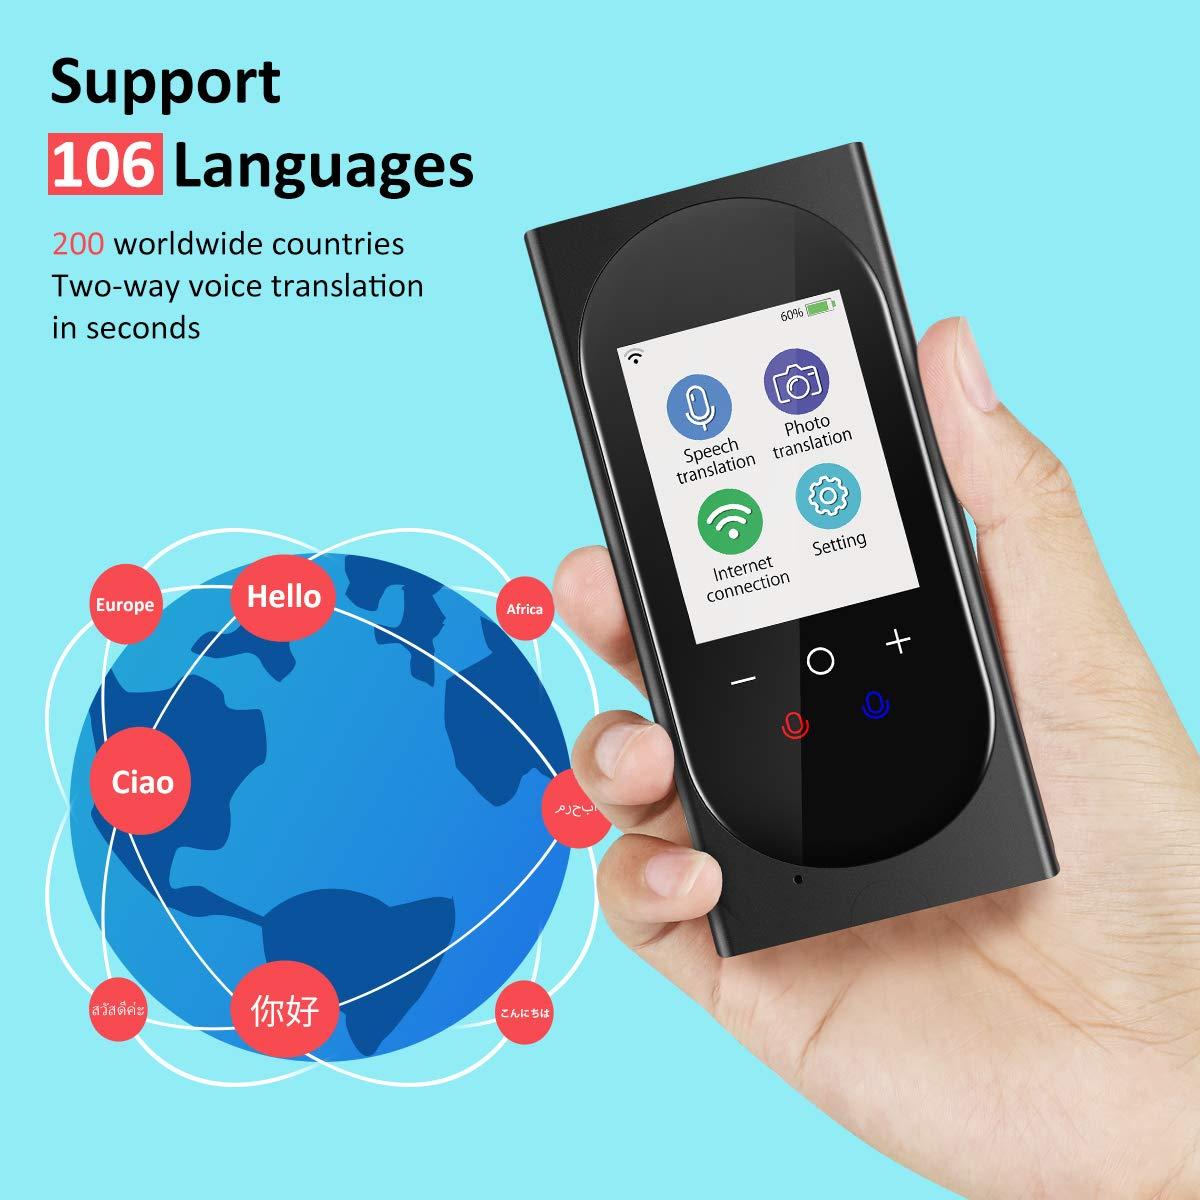 Buoth Traductor Instantaneo de voz Dispositivo compatible con pantalla t/áctil de alta definici/ón de 2.4 pulgadas 106 lenguaje preciso chat de negocios inteligente extranjero